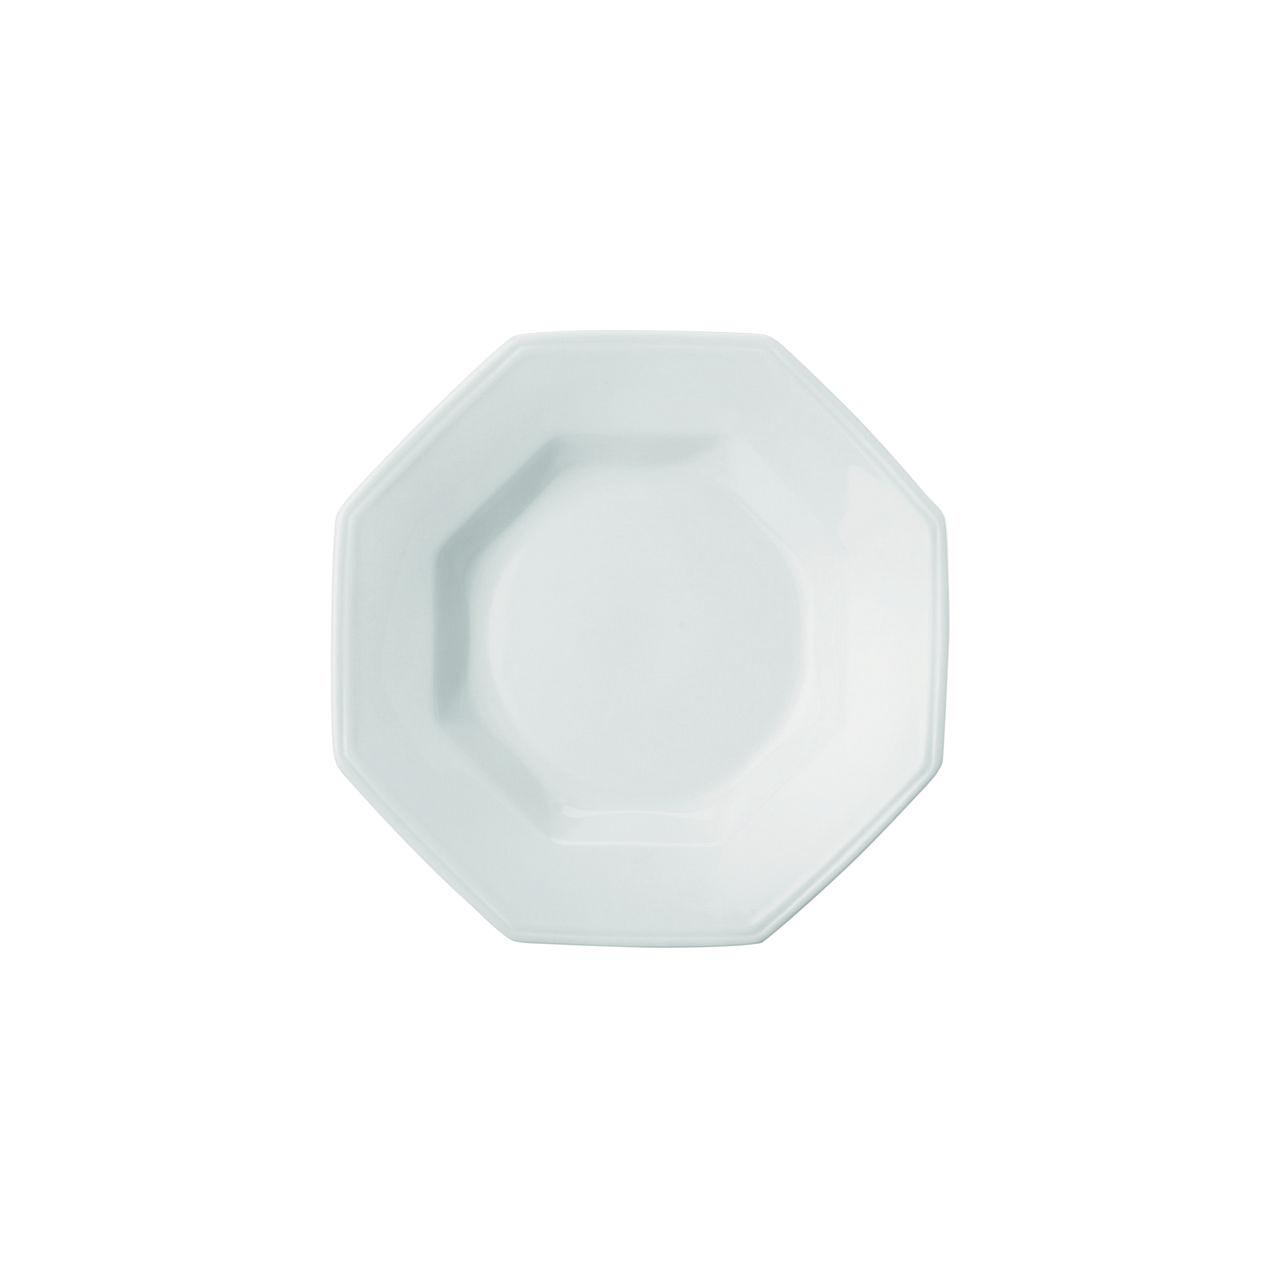 Estojo com 6 Pratos Fundos 24cm Porcelana Prisma Branca - Schmidt